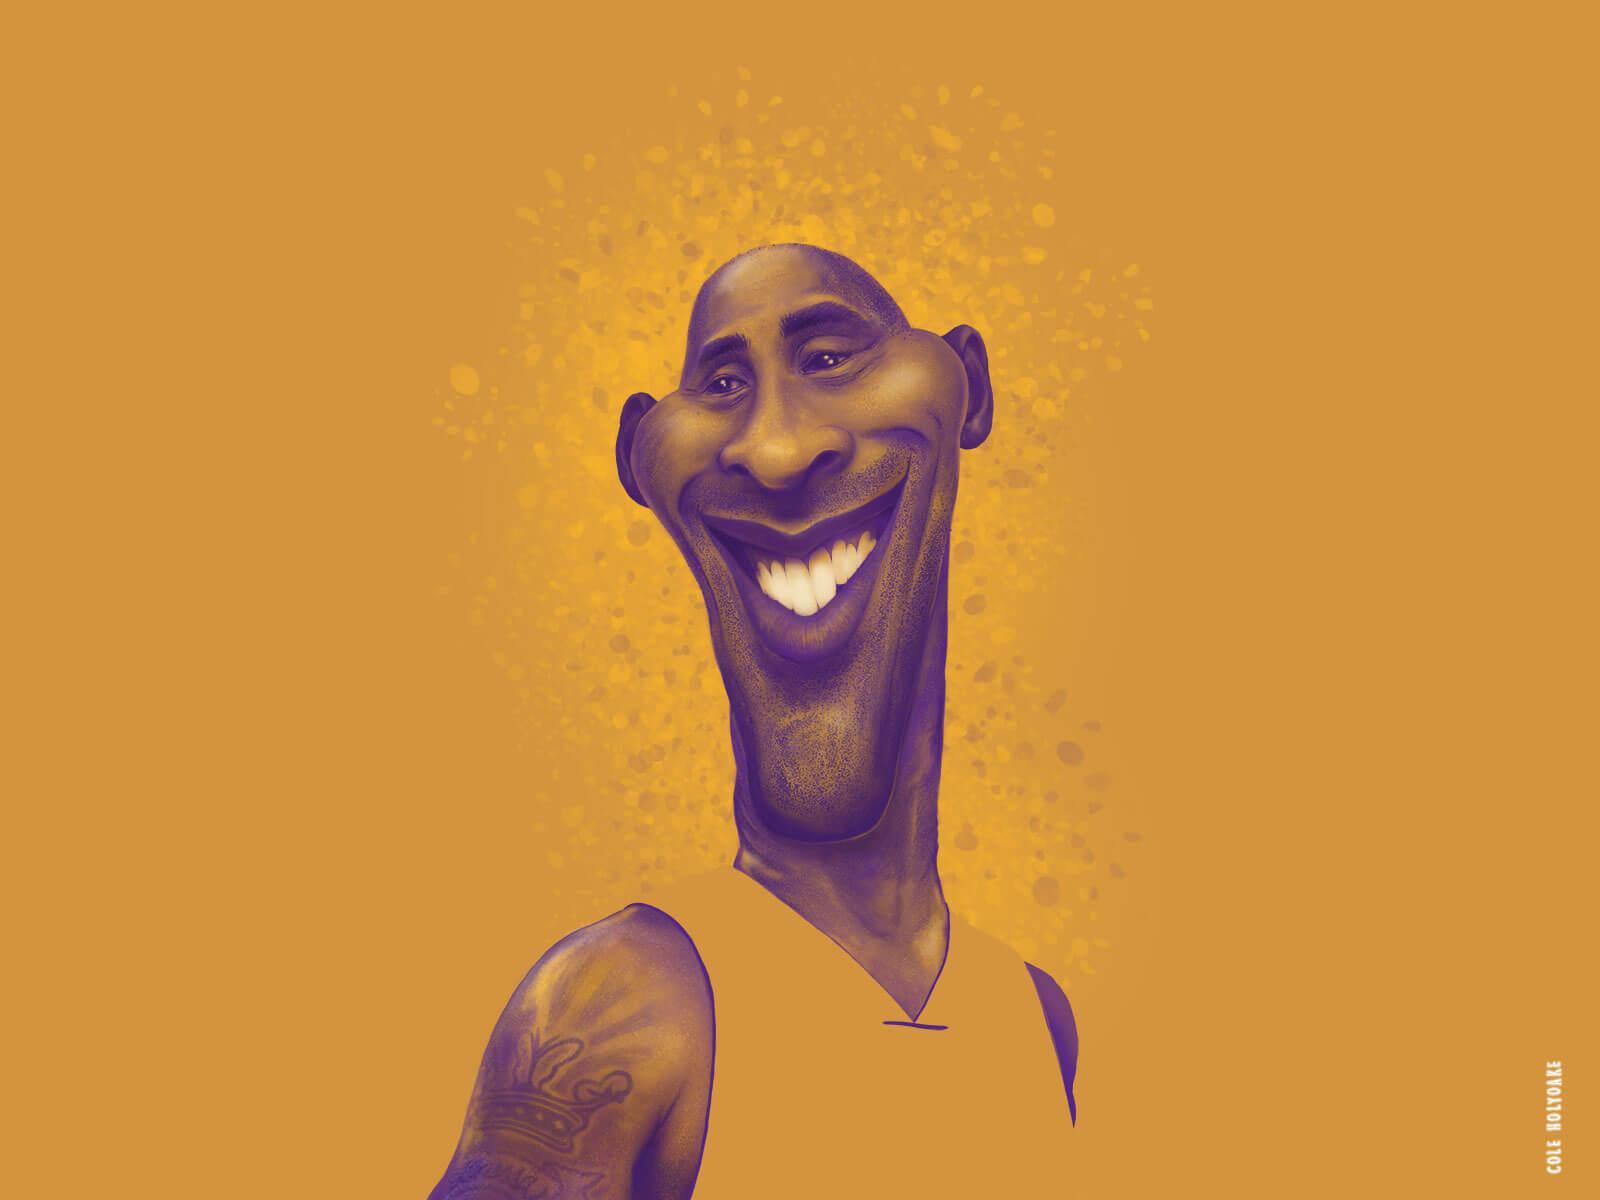 Cole Holyoake – Kobe Bryant